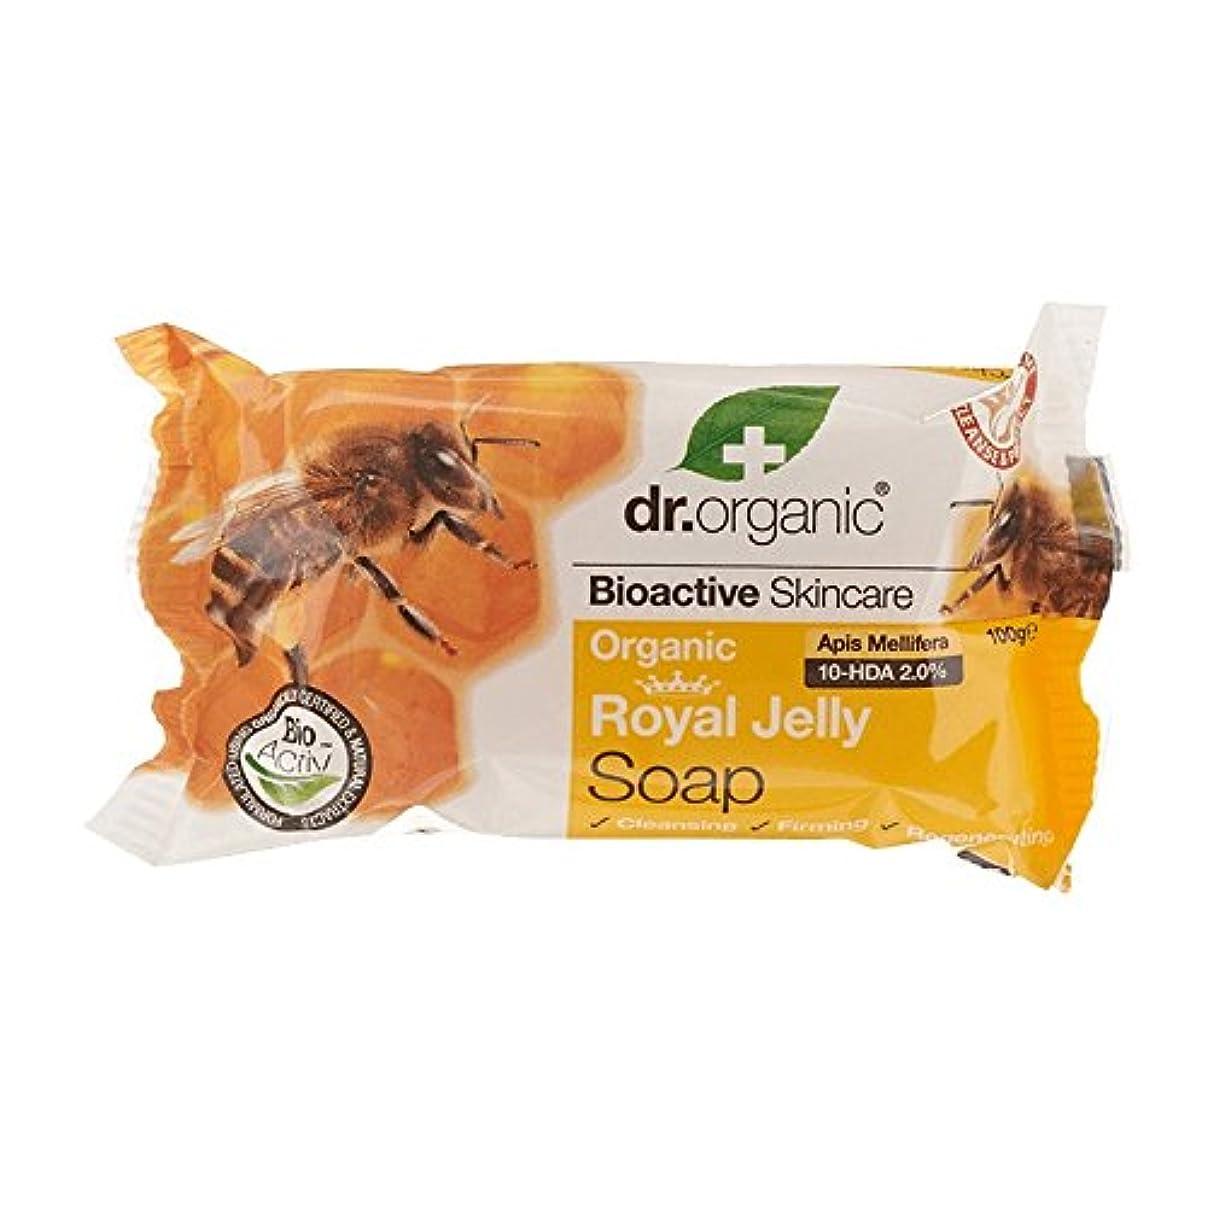 風変わりな予想する共和党Dr Organic Royal Jelly Soap (Pack of 2) - Dr有機ローヤルゼリーソープ (x2) [並行輸入品]